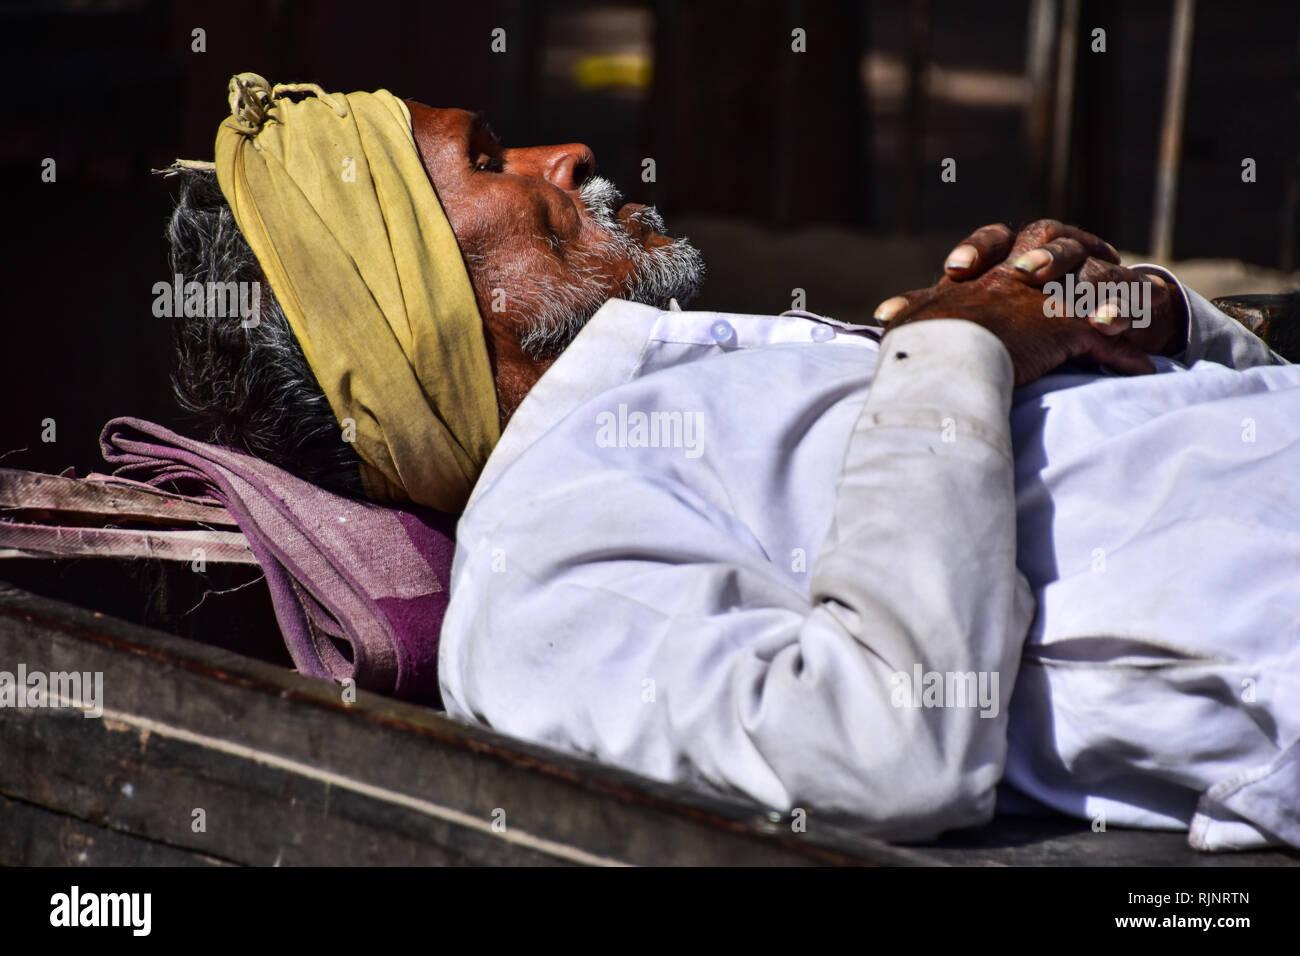 Indian siesta, Street Photography, Bundi, Rajasthan, India - Stock Image